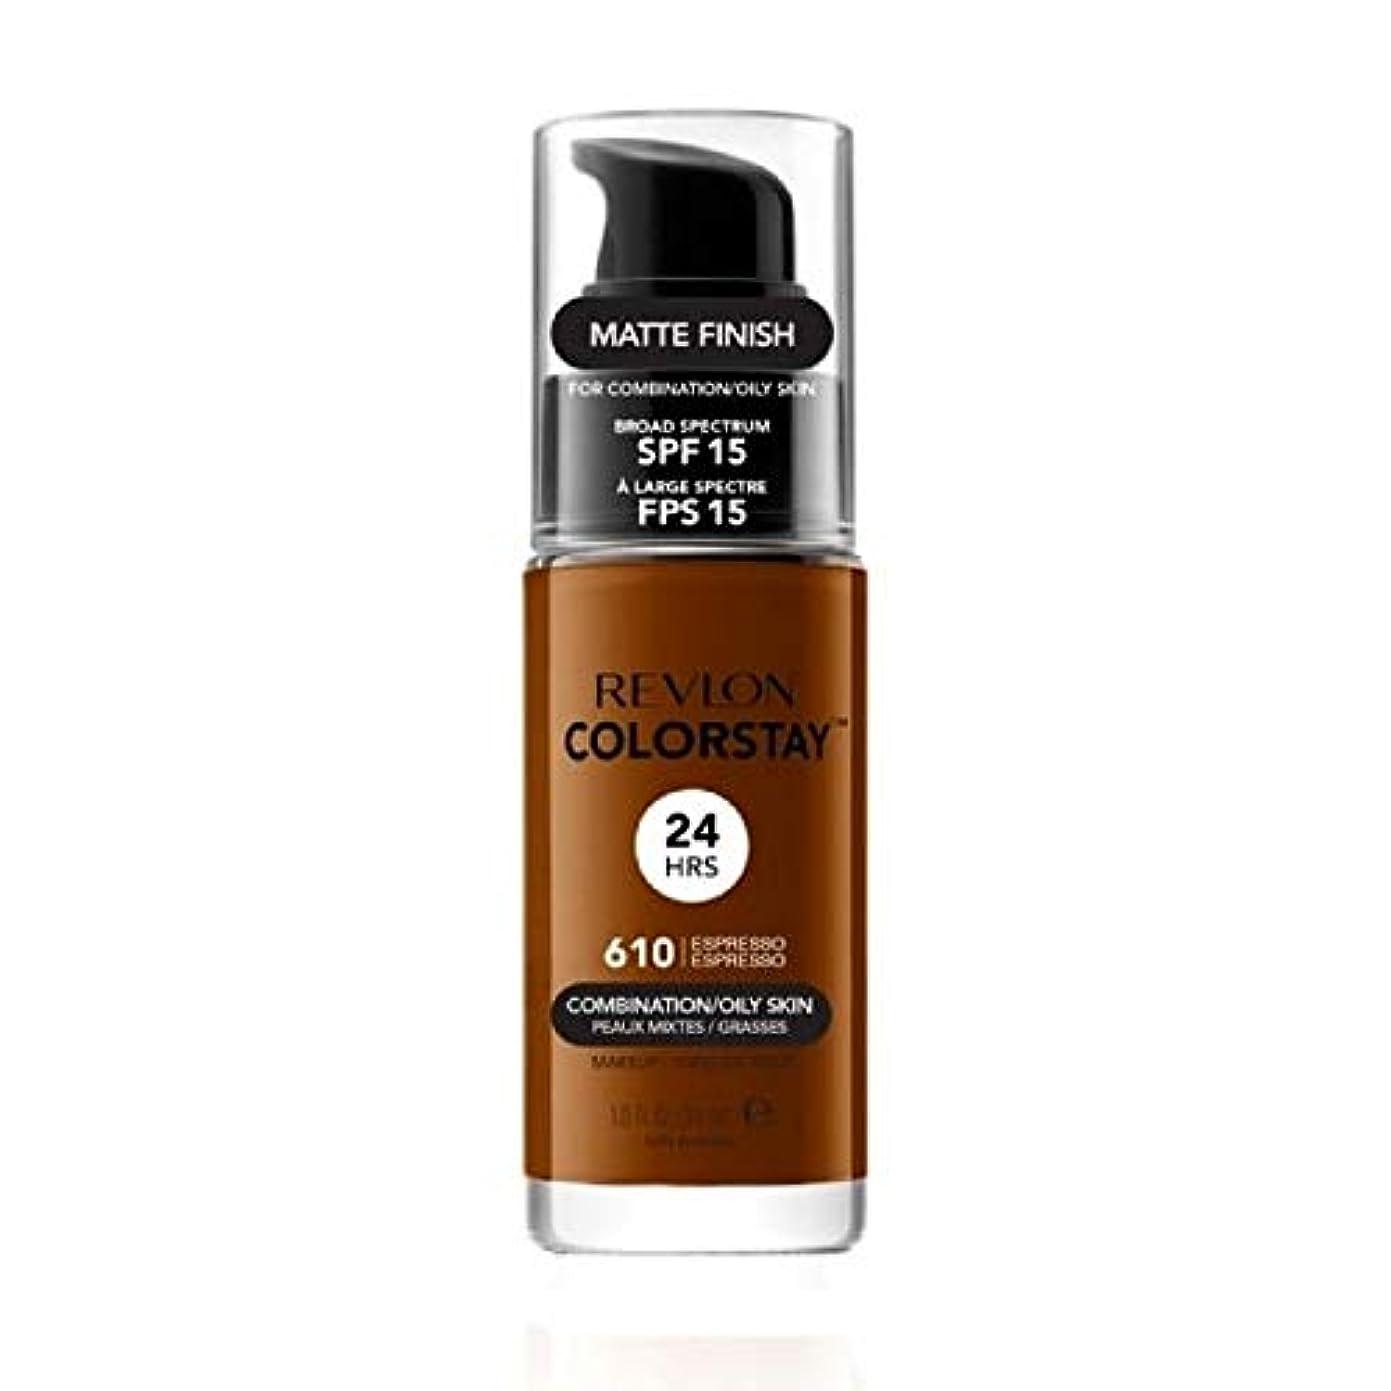 アルバニー破産うねる[Revlon ] レブロンColorstayの基盤コンビオイリー肌の30ミリリットルのエスプレッソ - Revlon Colorstay Foundation Combi Oily skin 30ml Espresso [並行輸入品]